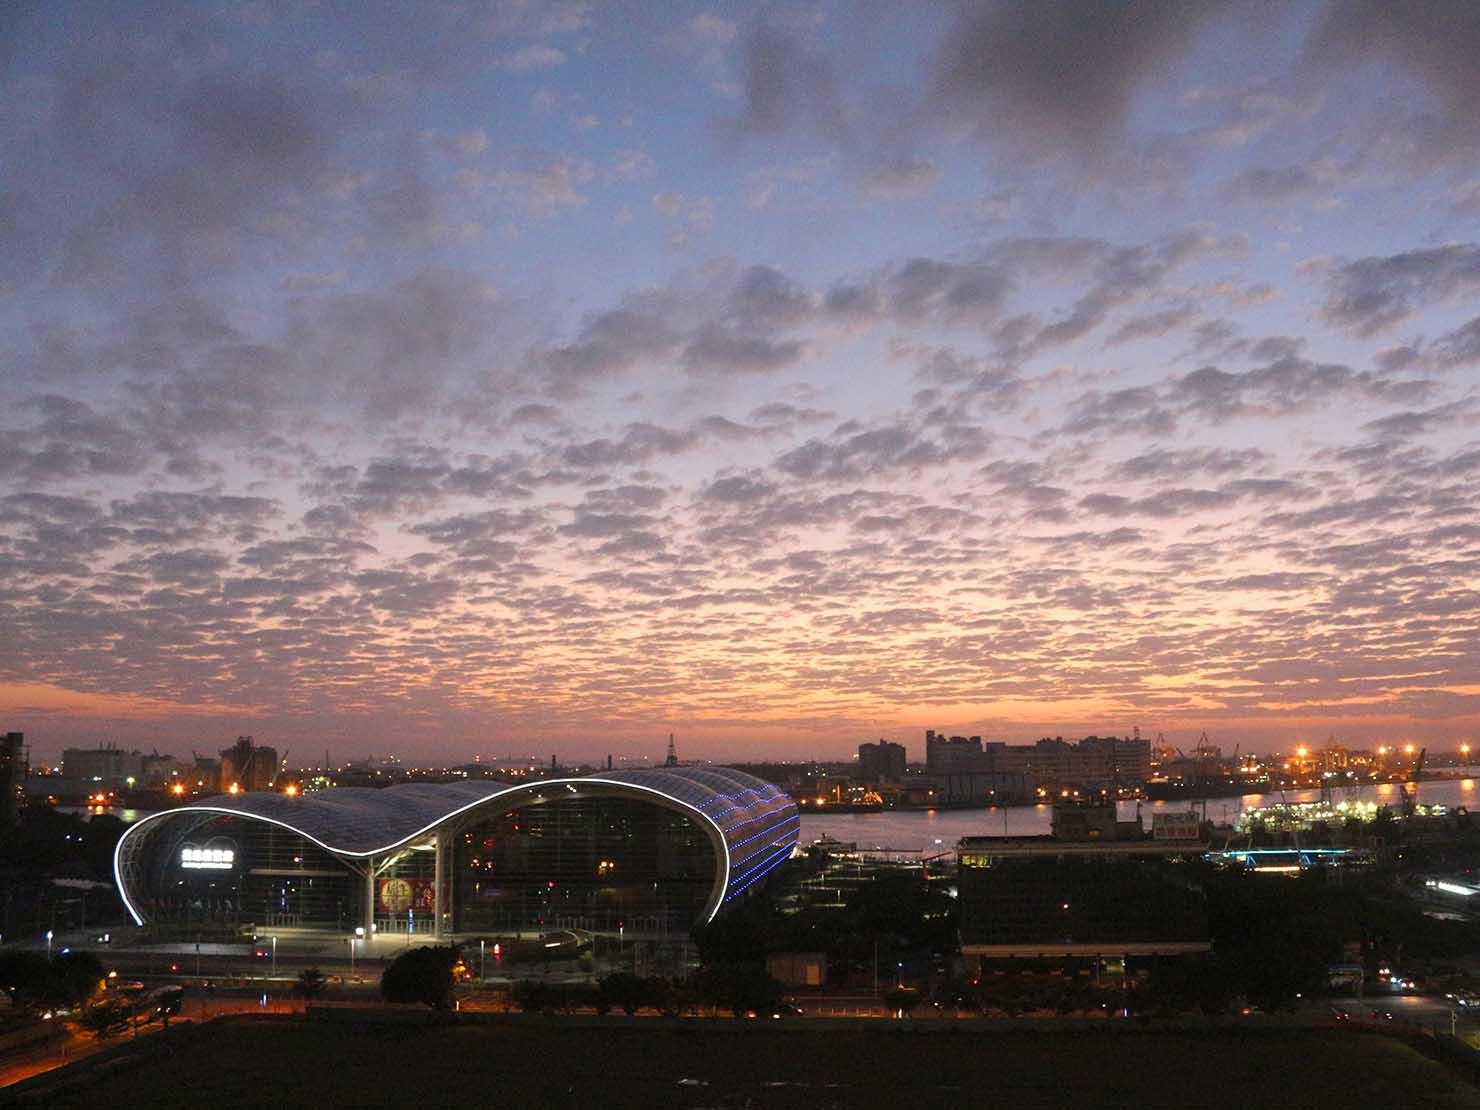 高雄のおすすめ観光スポット「三多商圈」高雄市立圖書館の屋上から眺める港